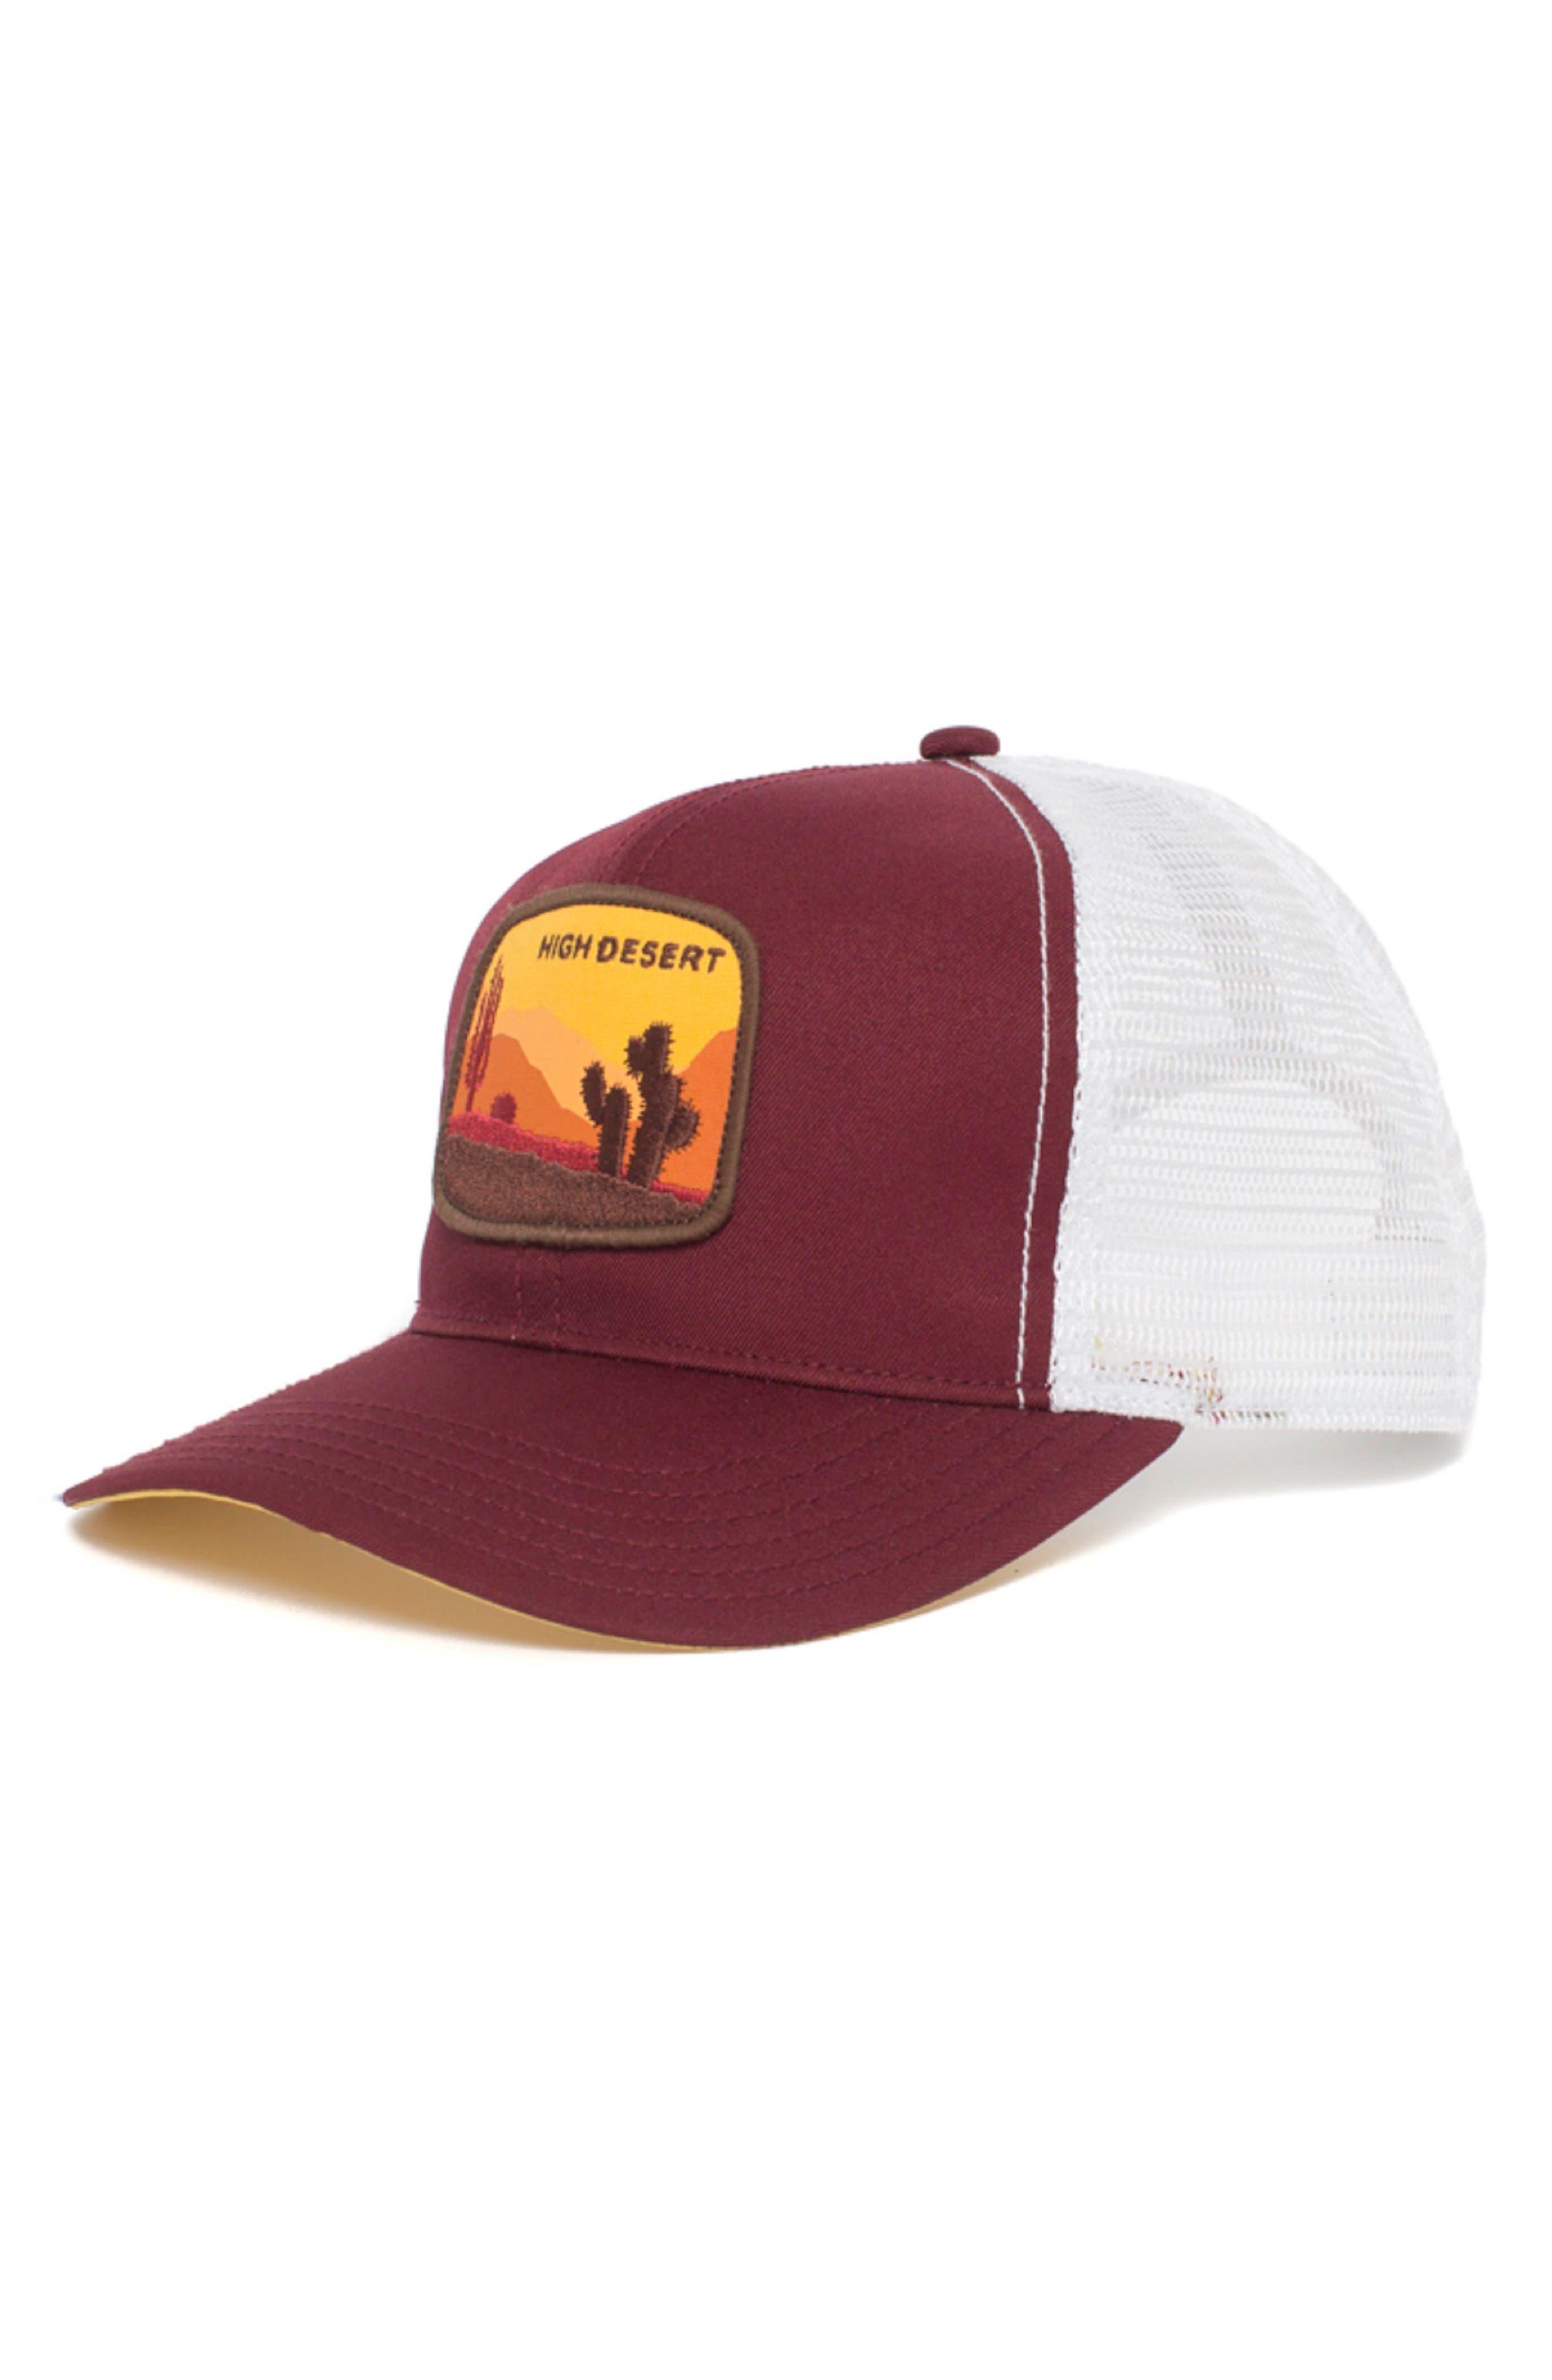 High Desert Trucker Hat,                             Main thumbnail 1, color,                             Burgundy